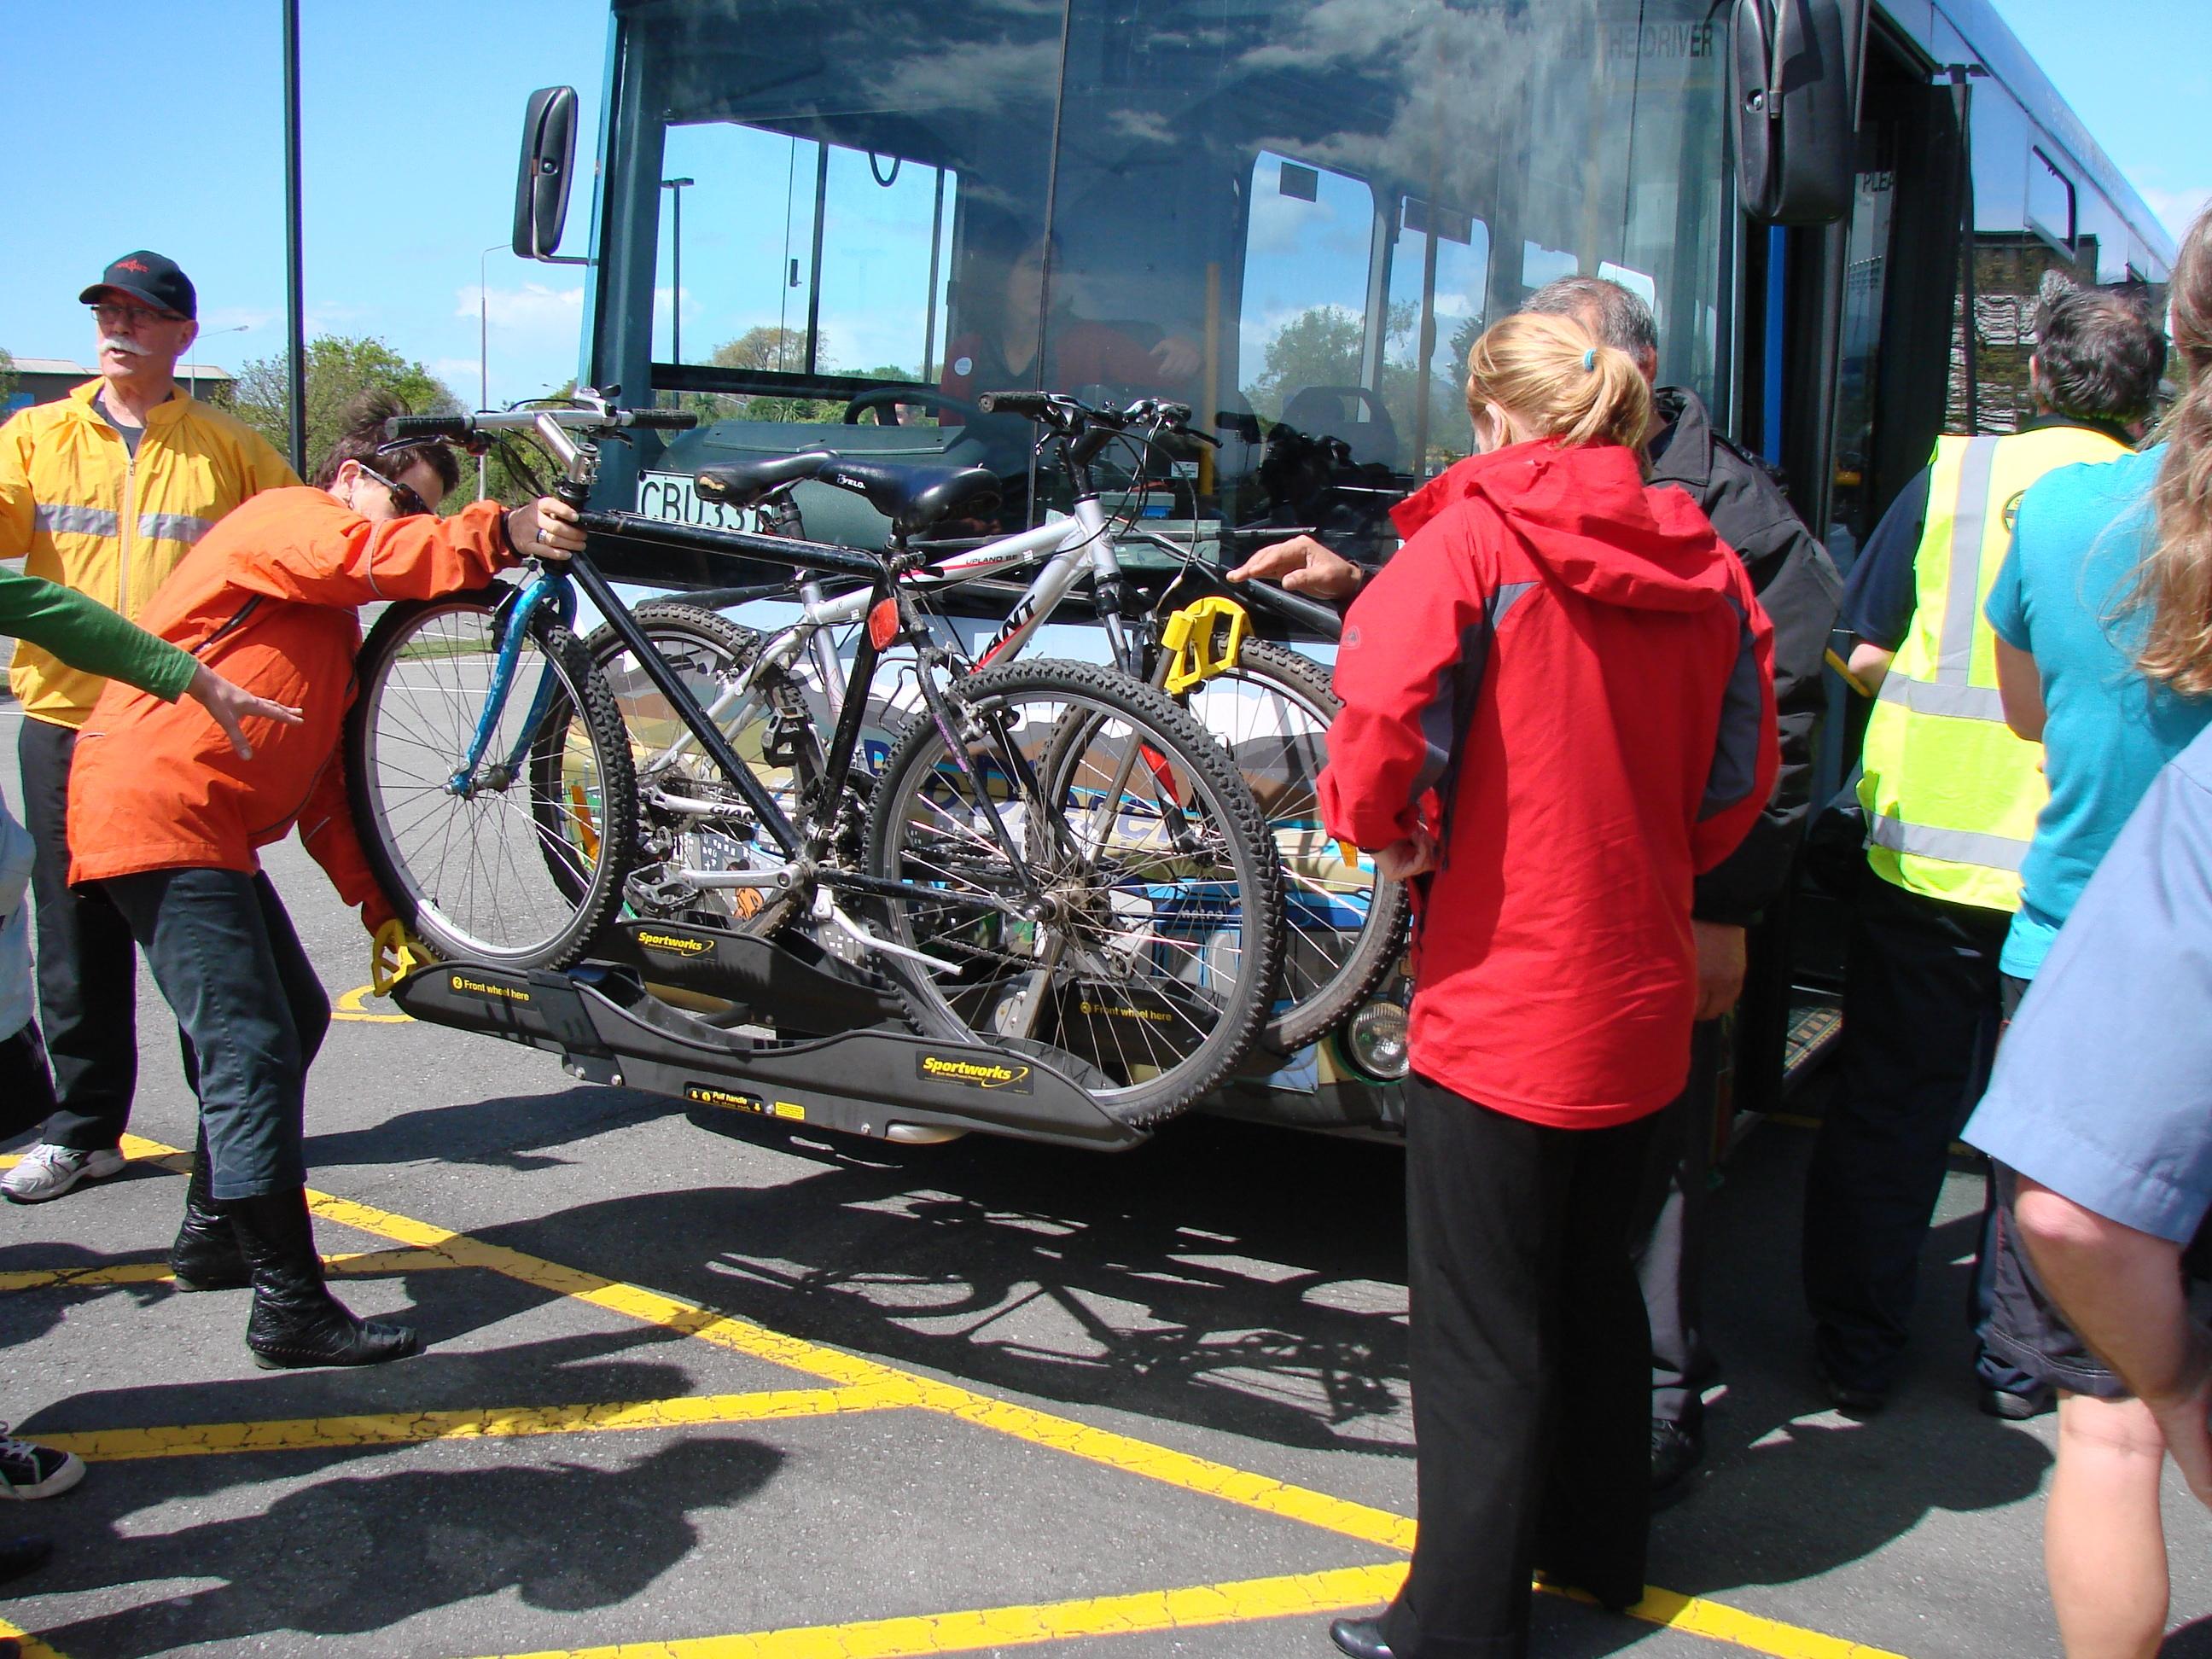 Christchurch Bus Bike Workshop October 21 2010 some